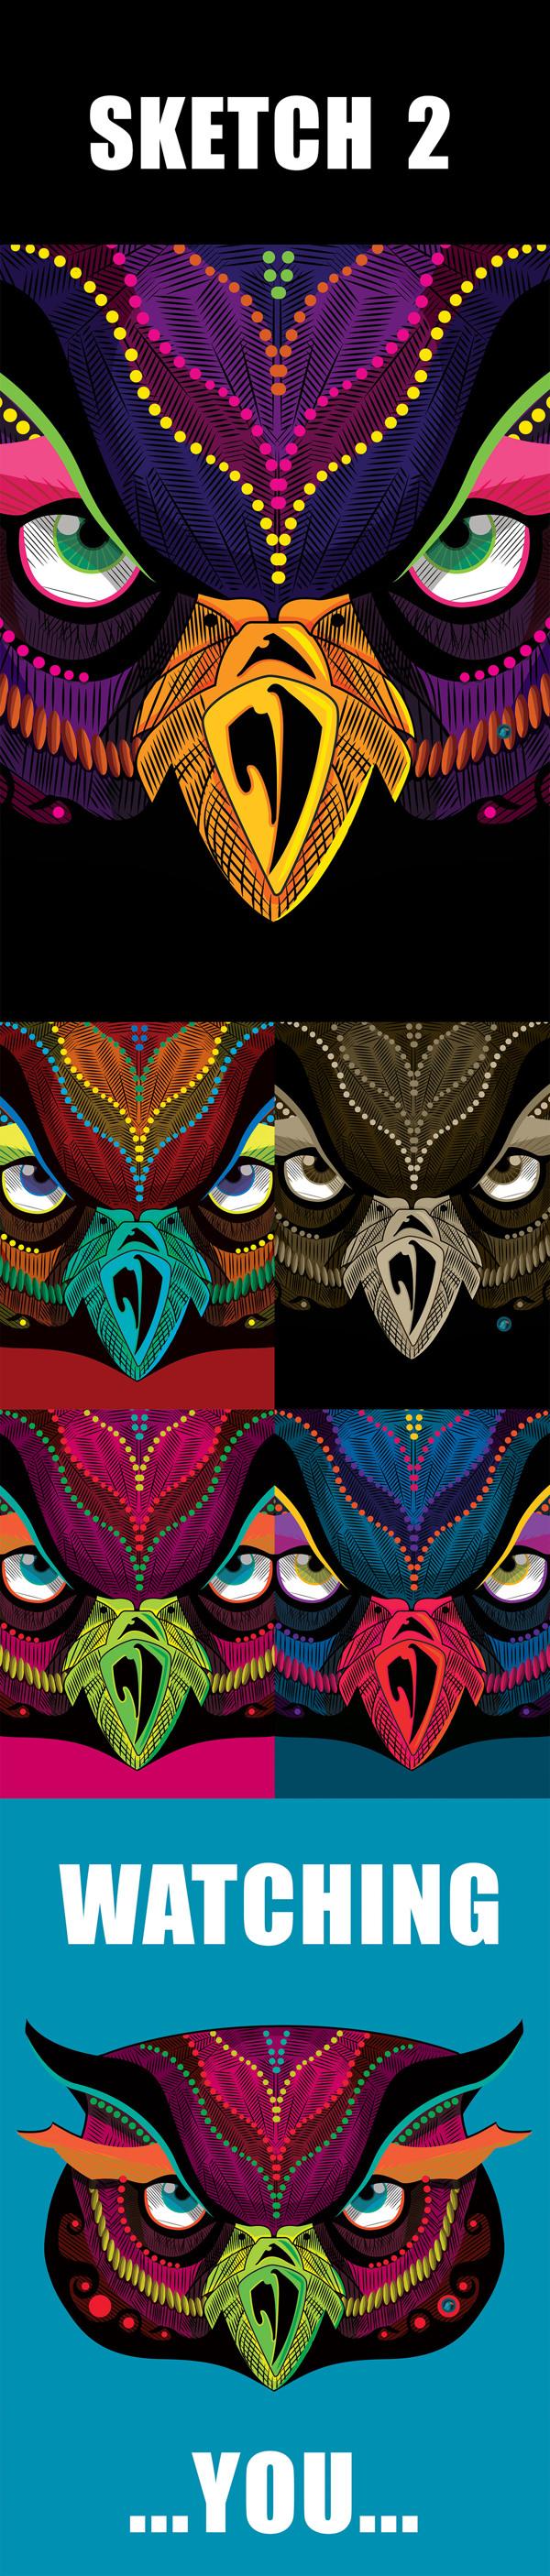 Colouring Experiment by yasmin mowafy, via Behance